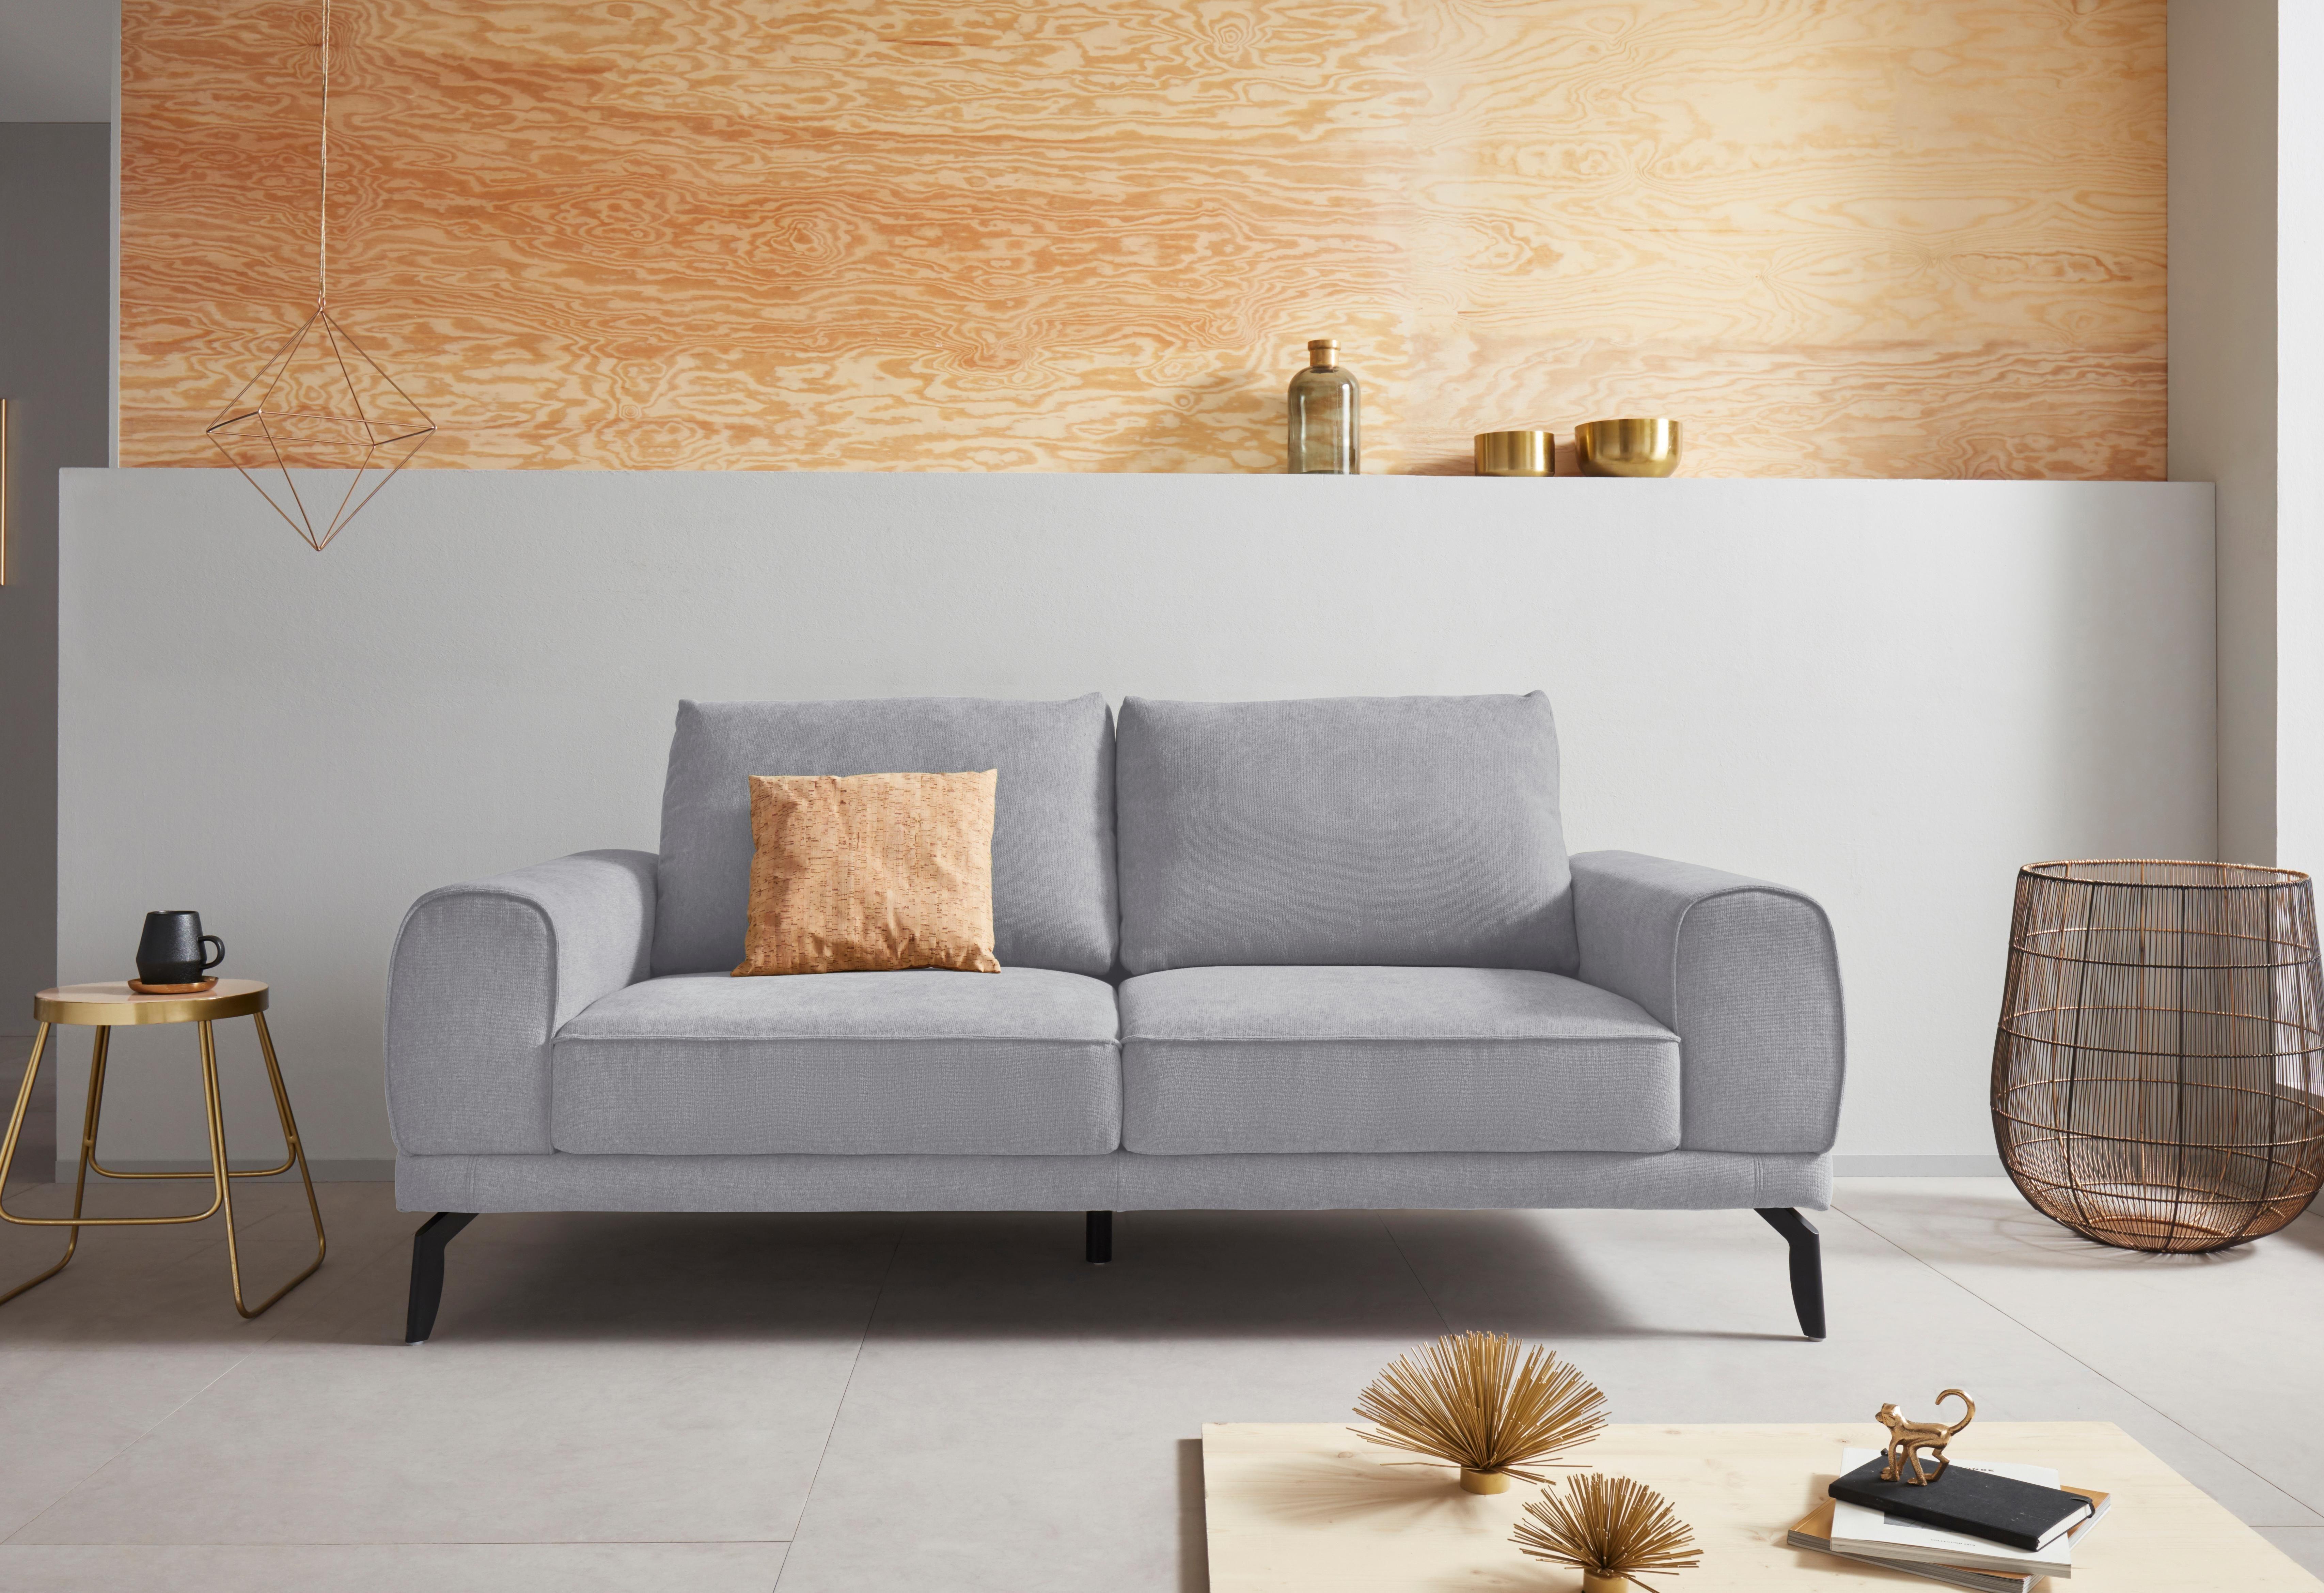 Schone Sofas Online Amerikanisches Sofa Kaufen Ledersofa Neu Beziehen Munchen Schlafsofa Kaufen Gunstig 2 Sitz Wandkerzenhalter Haus Deko Couch Gunstig